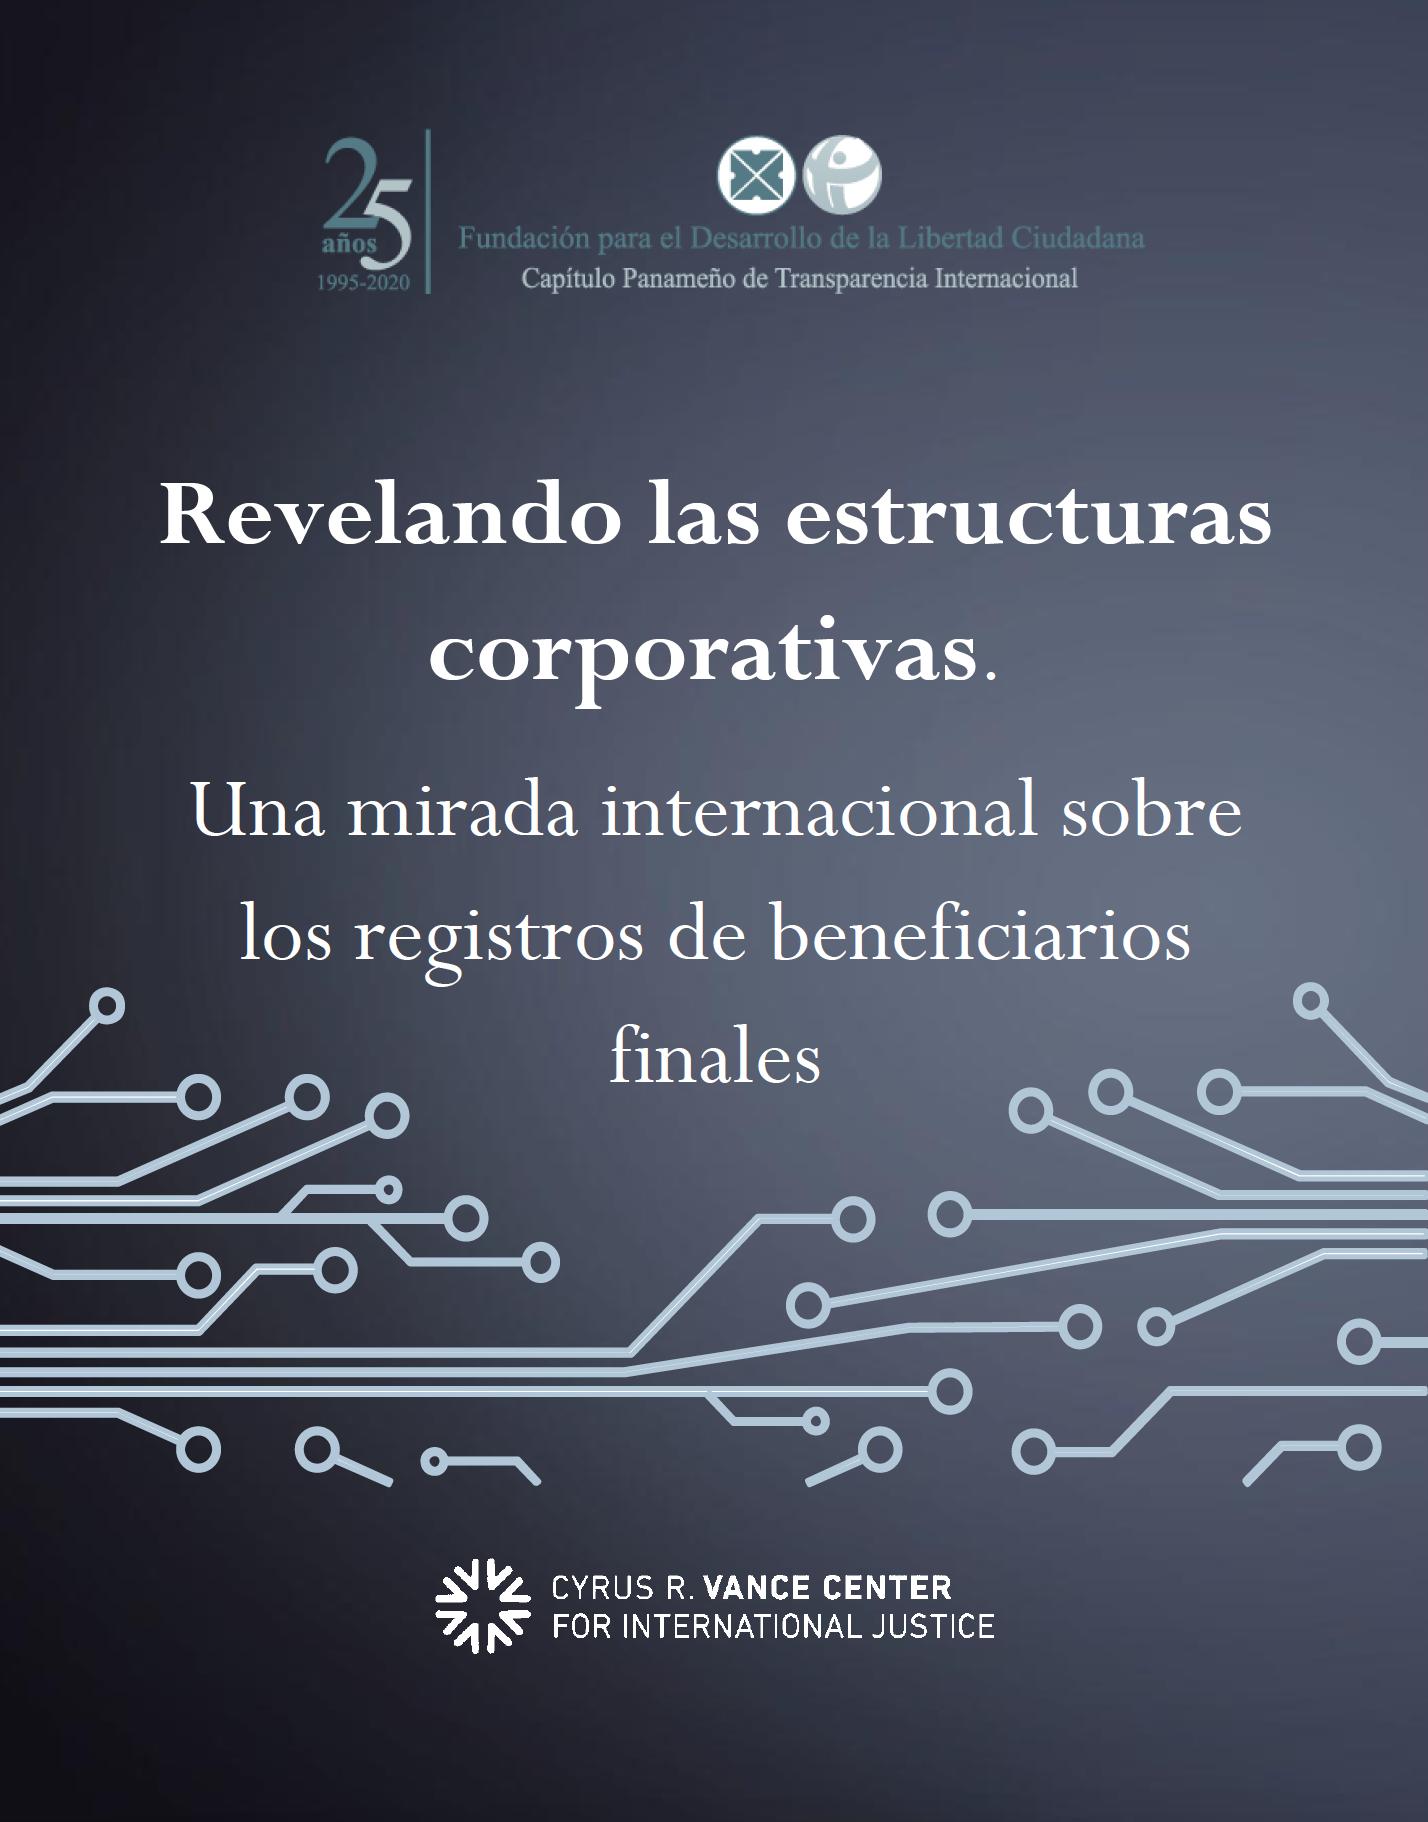 Vance Center y Transparencia Internacional Panamá promueven la reforma del Registro de Beneficiarios Finales